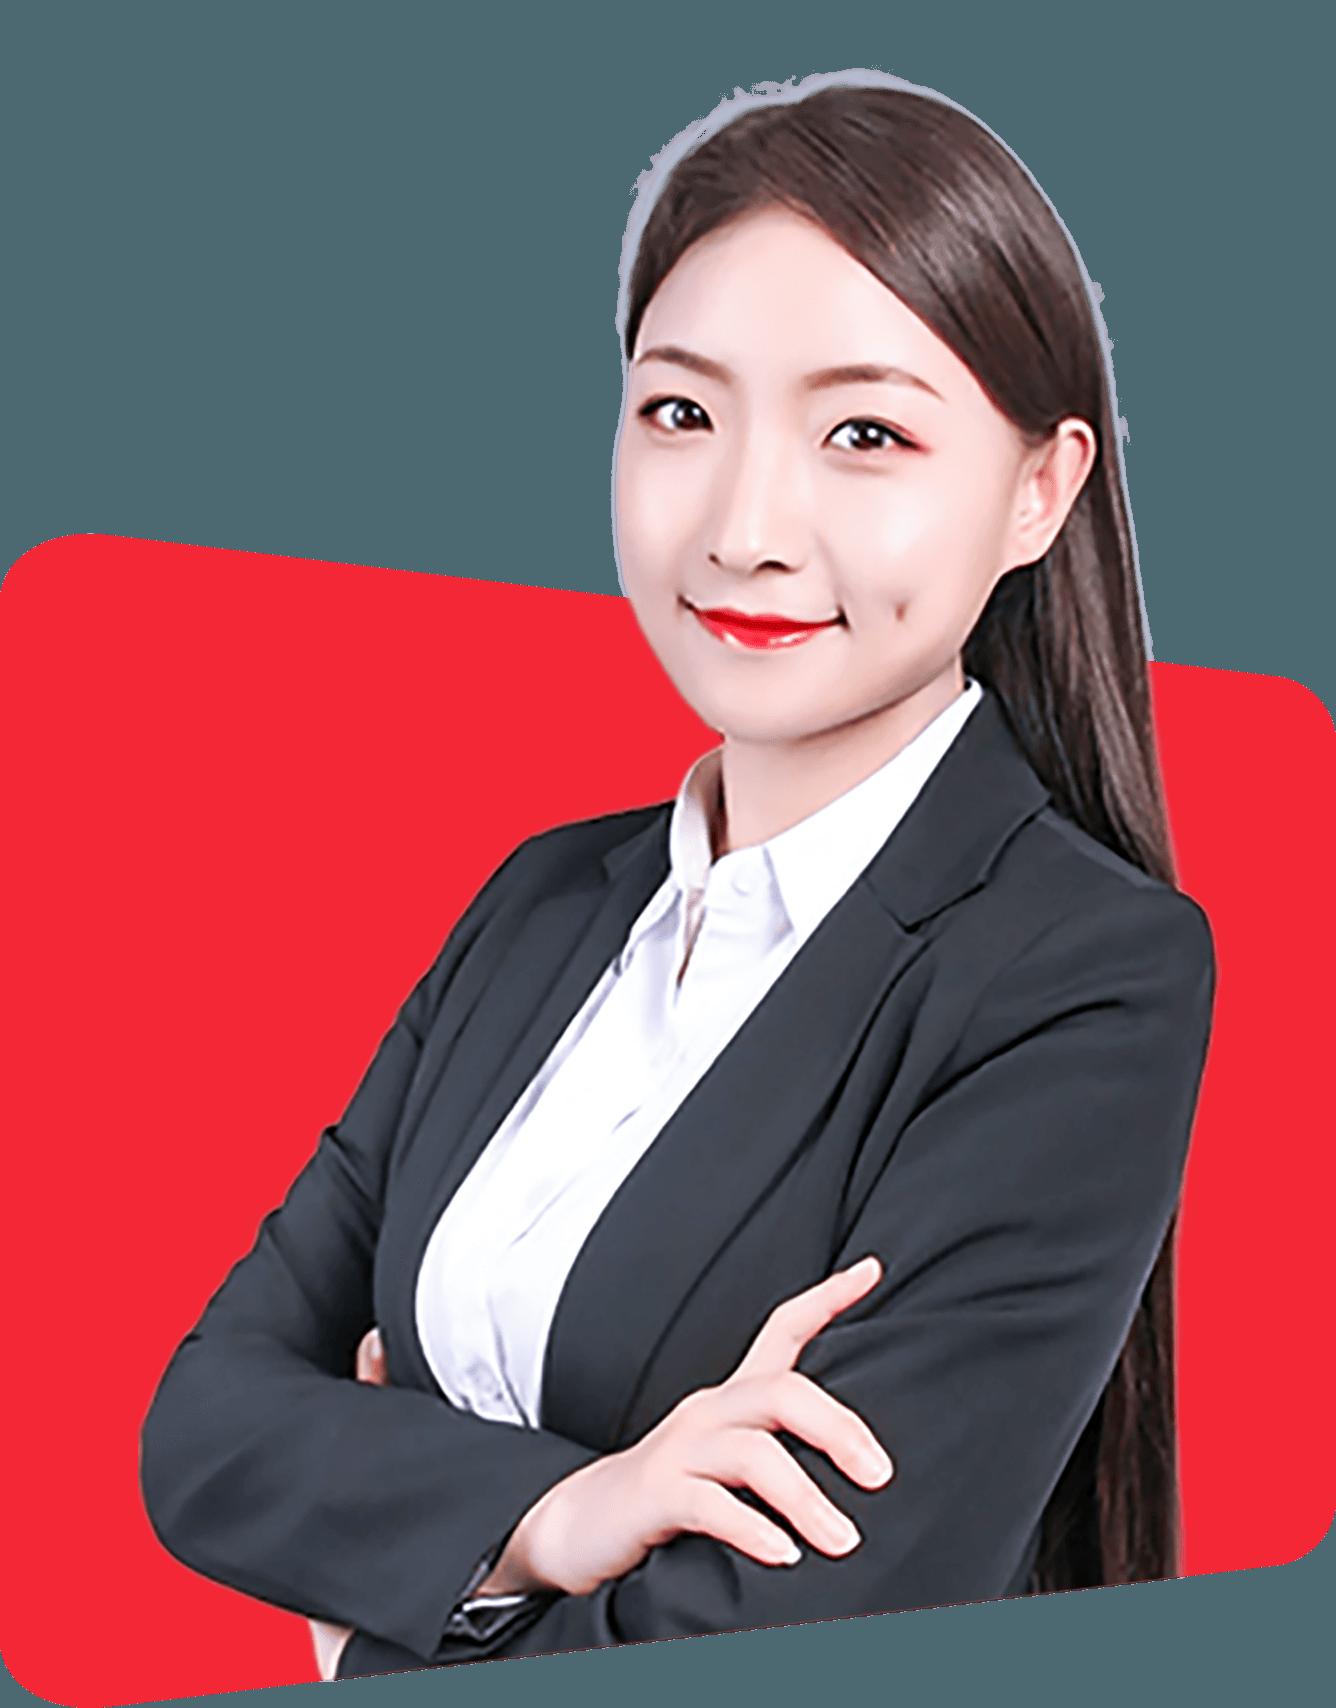 张璇 毕业于西安交通大学 擅长小学语文